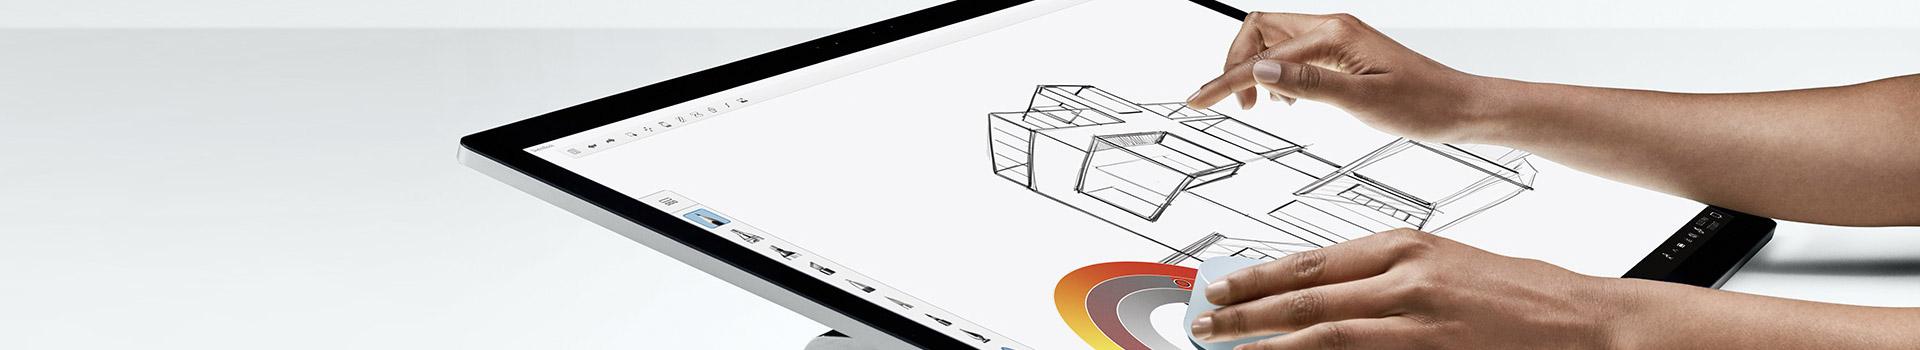 Een week als Grafisch Designer met een Surface Studio